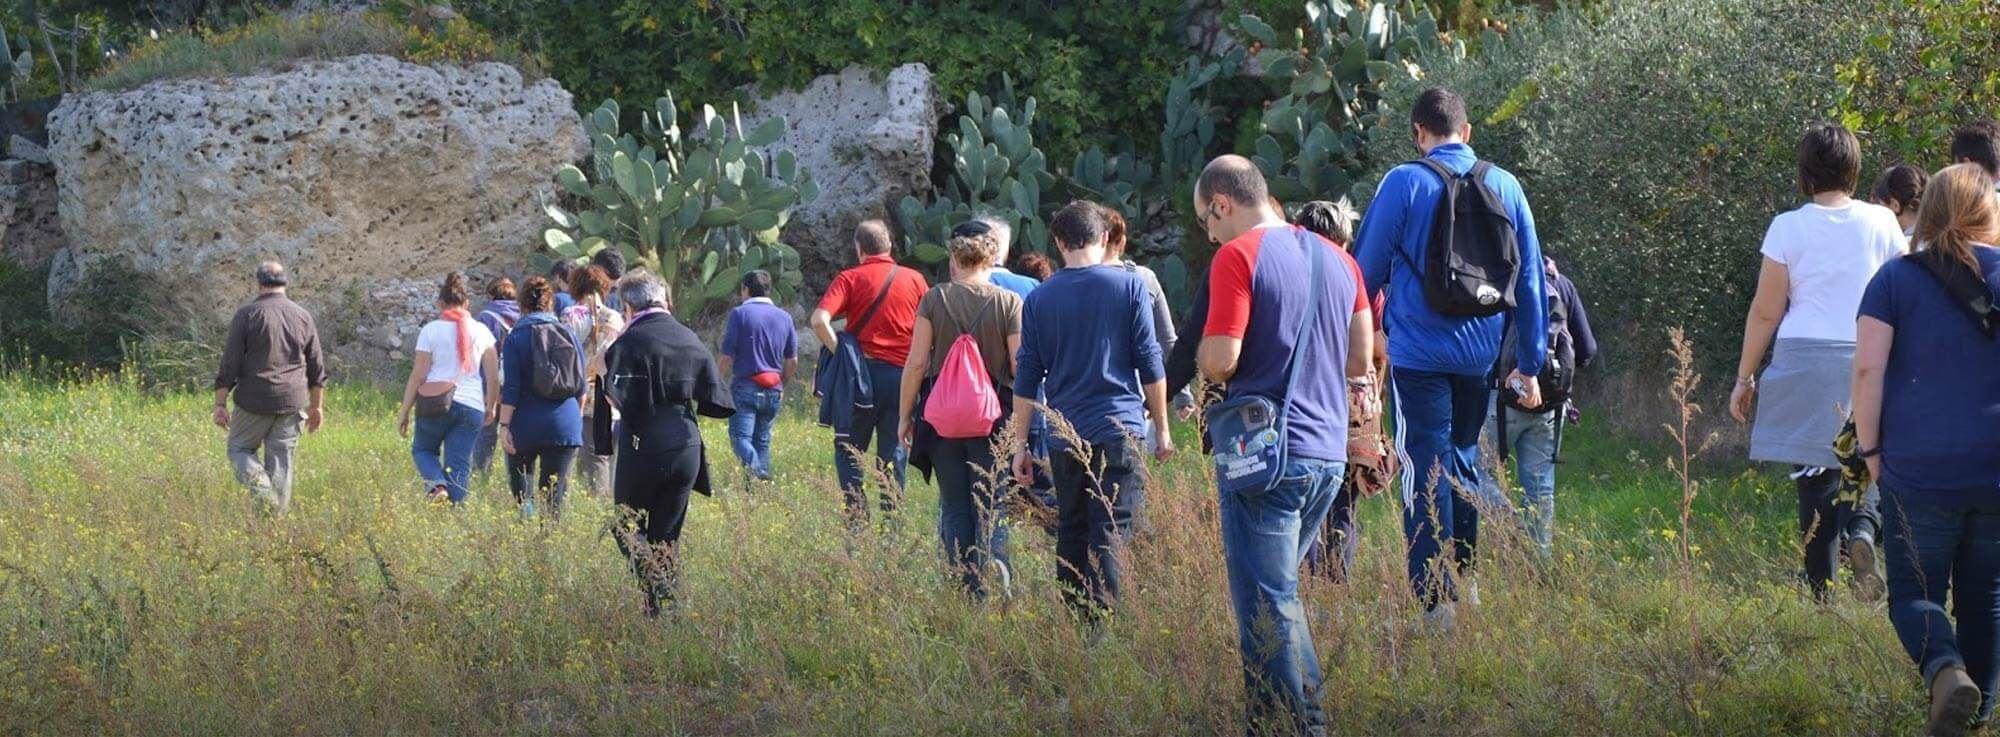 Canosa di Puglia: Archeo trekking e passeggiate archeologiche